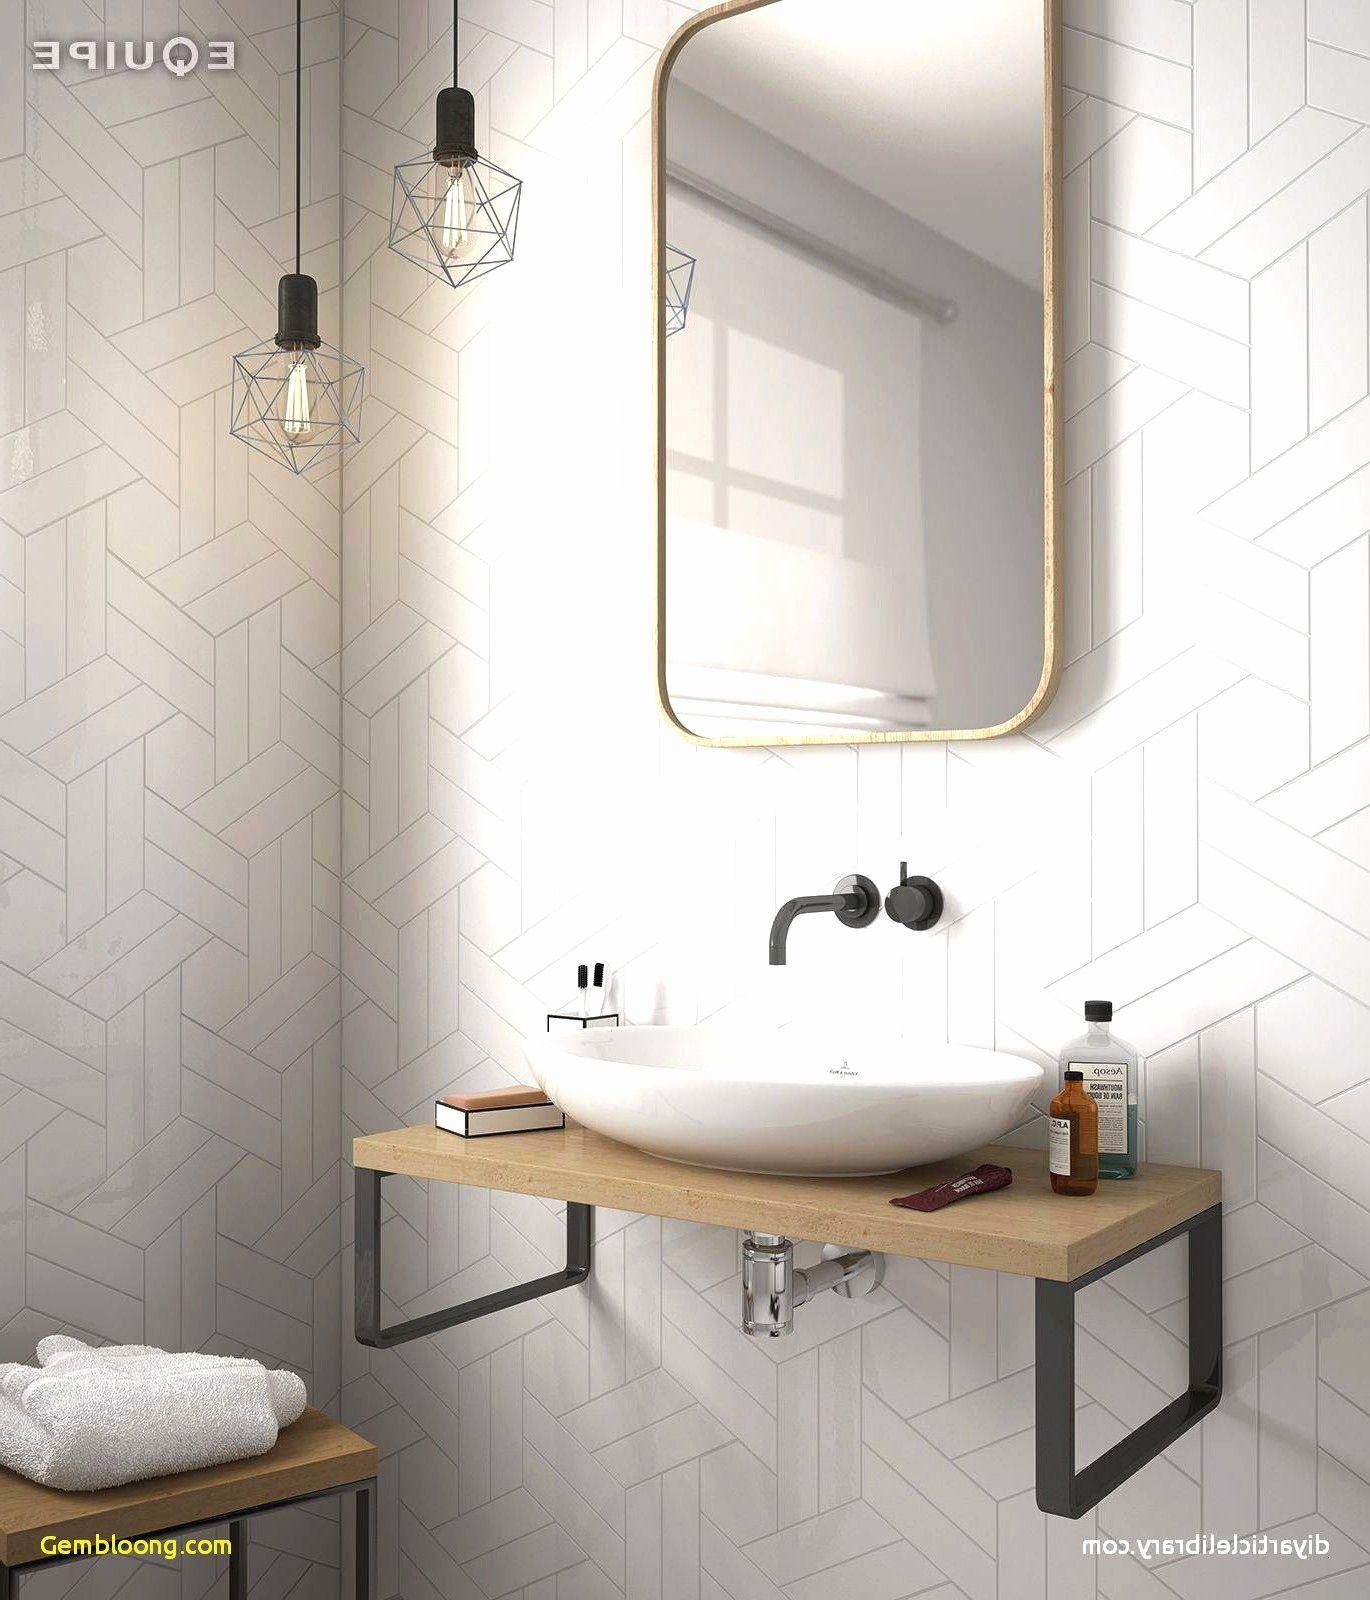 Fliesen Badezimmer Ideen Kleines Bad Schwarz Weiss Badezimmer Ideen Fliesen Genial Ideen Fliesen Ba Moderne Waschbecken Badezimmer Diy Kleines Bad Waschbecken